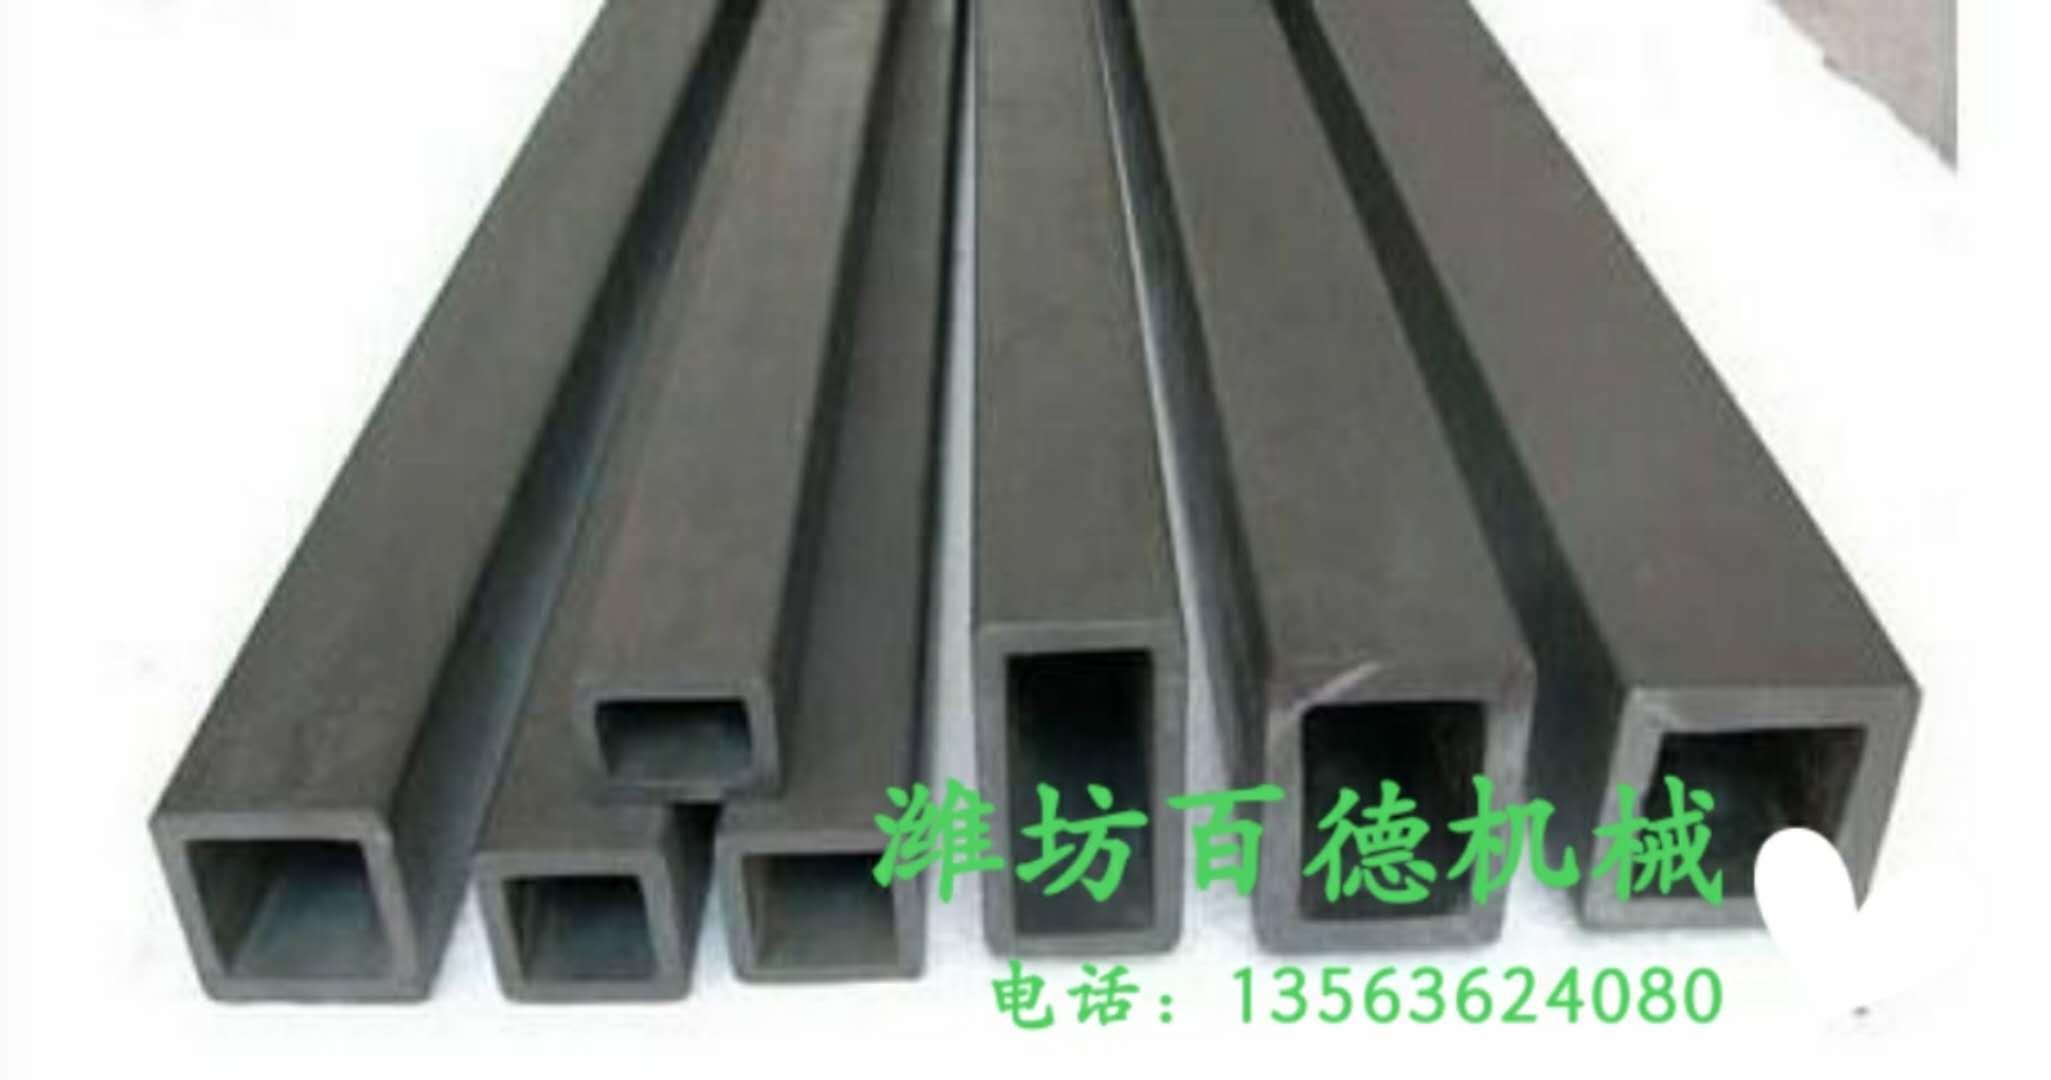 百德供应于淄博广东河北专用的碳化硅方梁棍棒